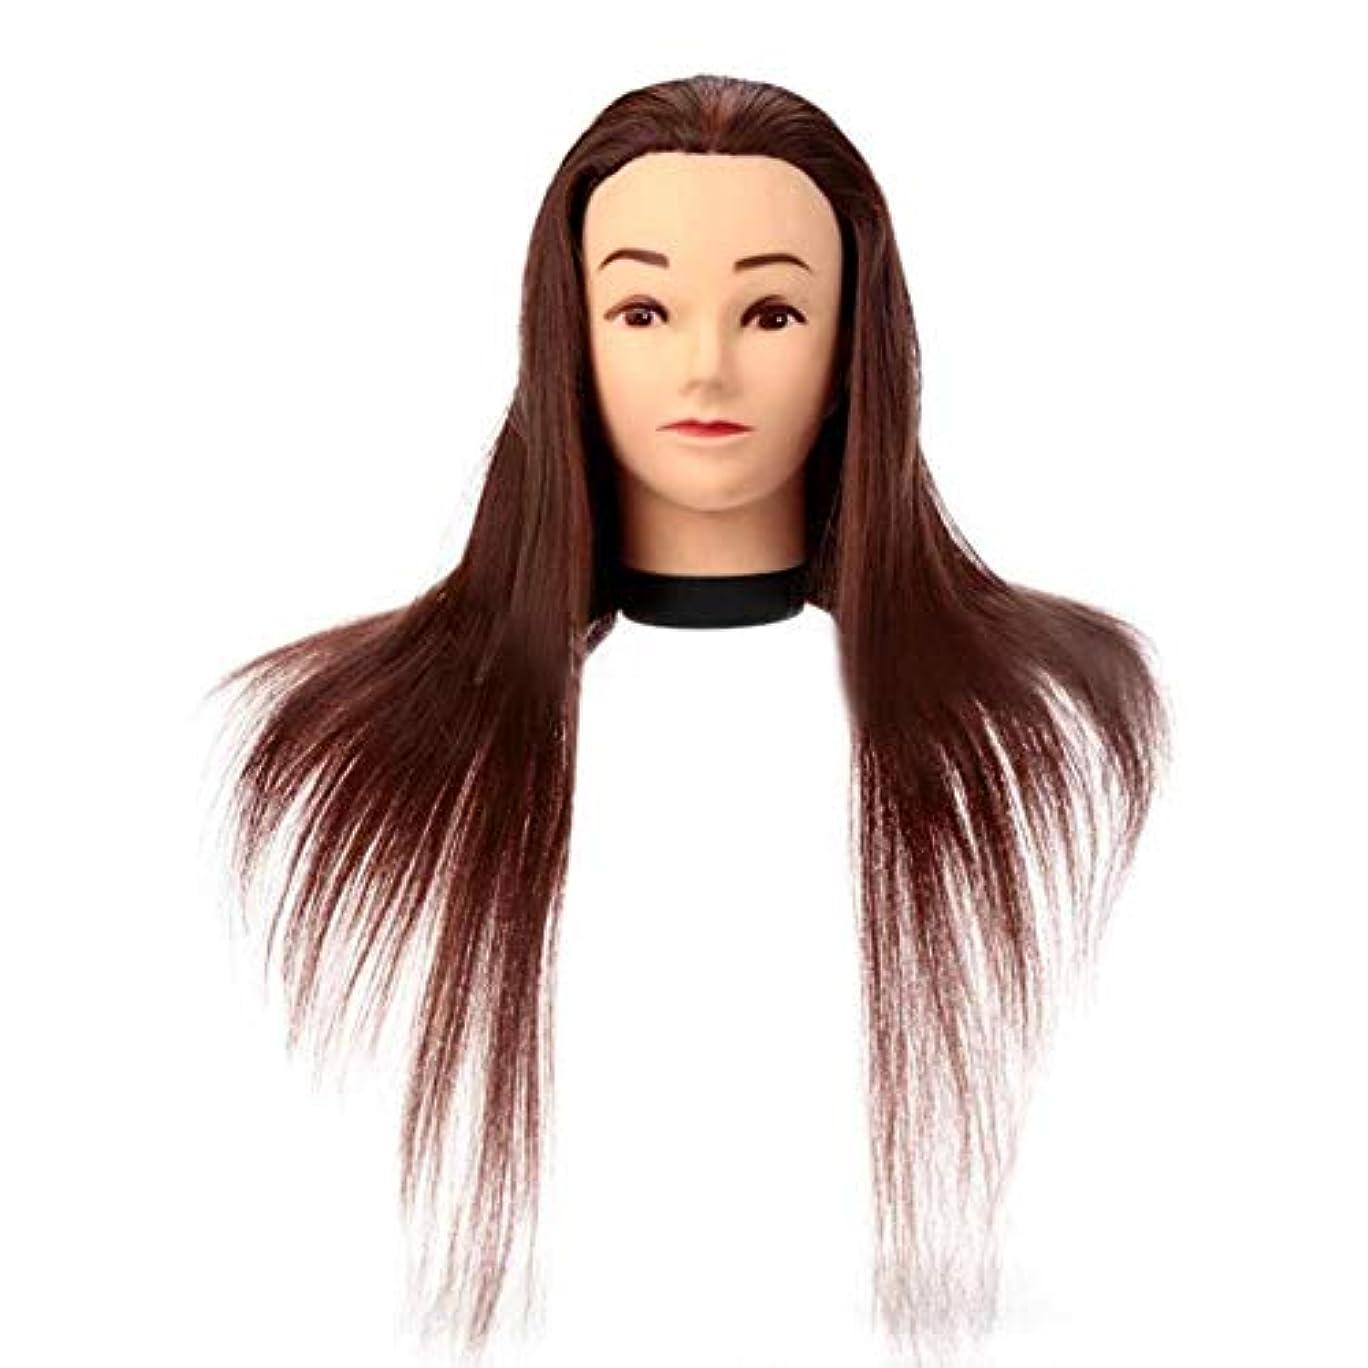 有料示す廃止するサロン散髪練習ヘッドモデルメイク学校編組髪開発学習モデルヘッドヘアストレートロングかつら